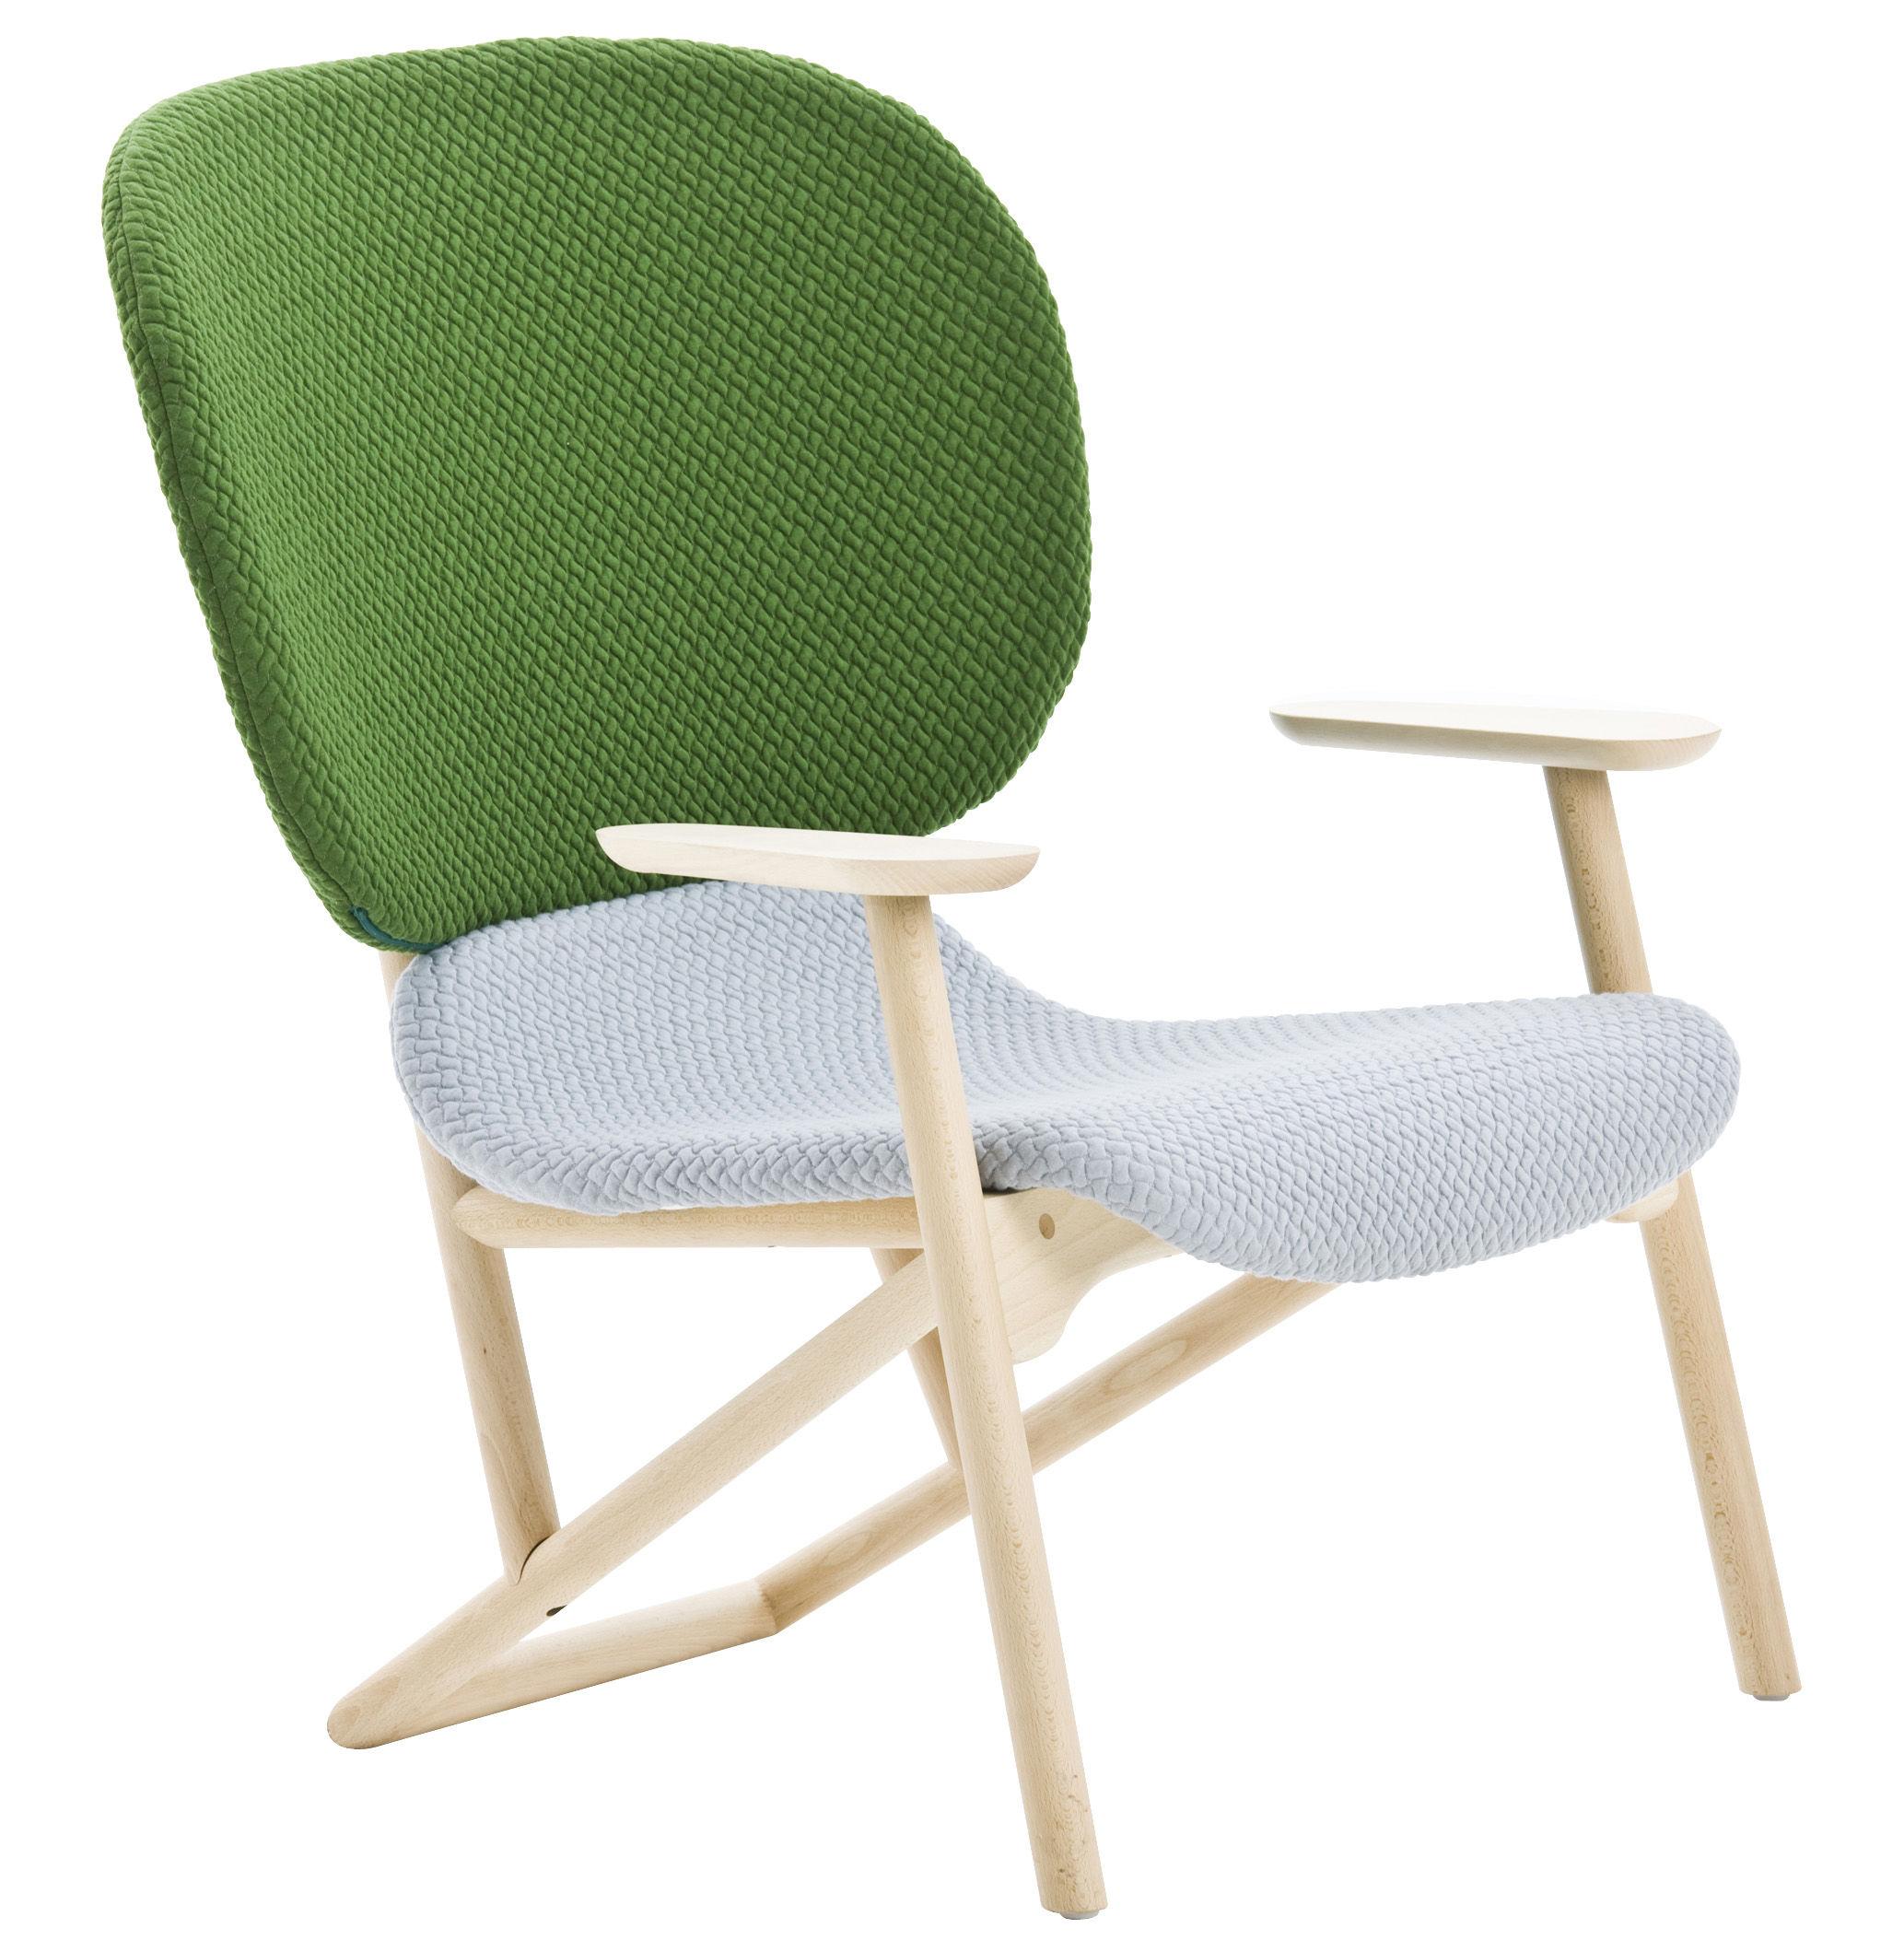 Möbel - Lounge Sessel - Klara Gepolsterter Sessel Rückenlehne Stoff - Moroso - Korpus Buche natur / Rückenlehne Stoff (grün) / Sitzfläche Stoff (beige) - Buchenfurnier, Gewebe